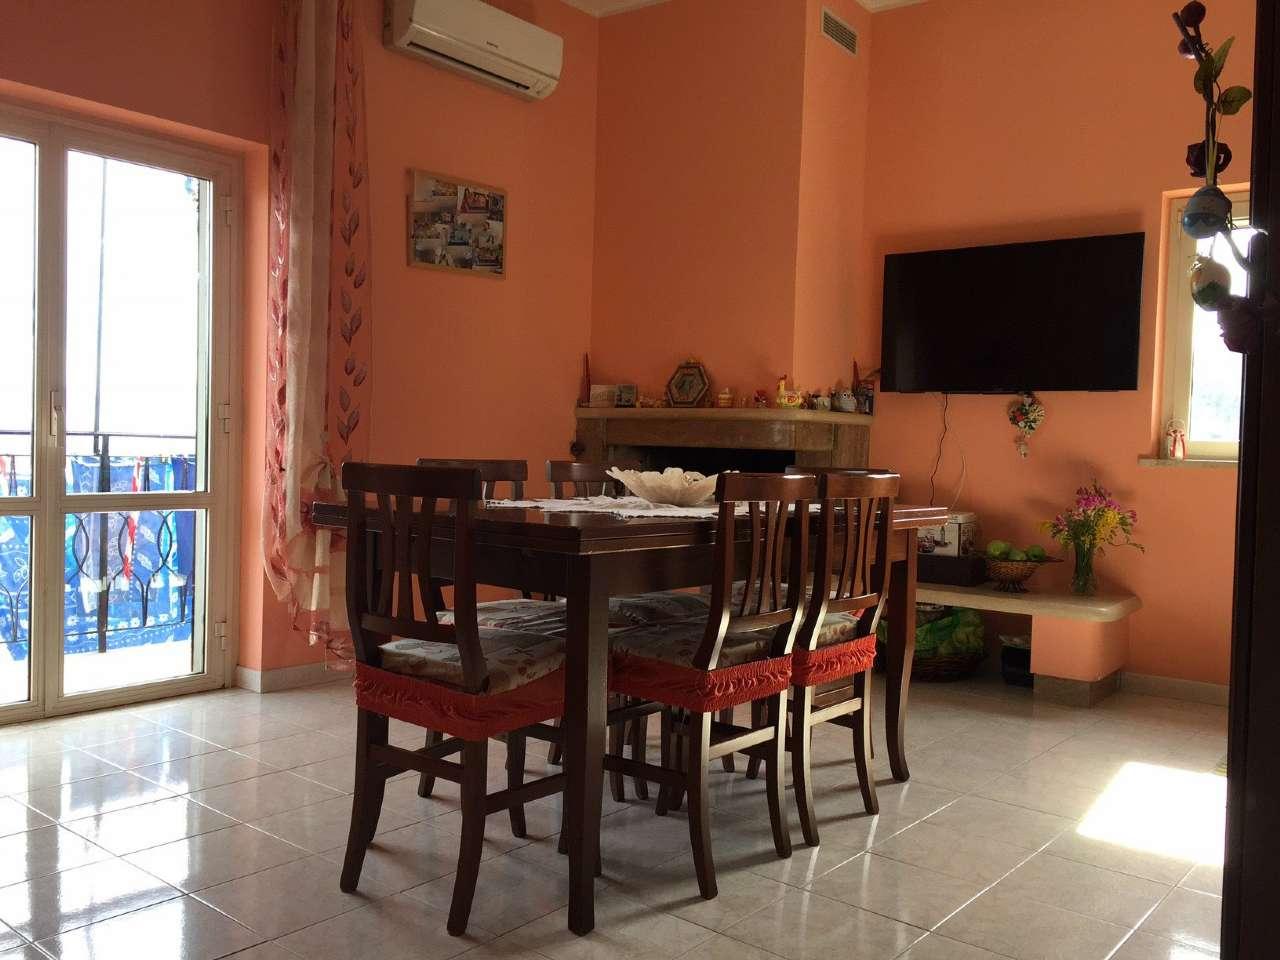 Appartamento in vendita a Civitella San Paolo, 5 locali, prezzo € 95.000 | CambioCasa.it